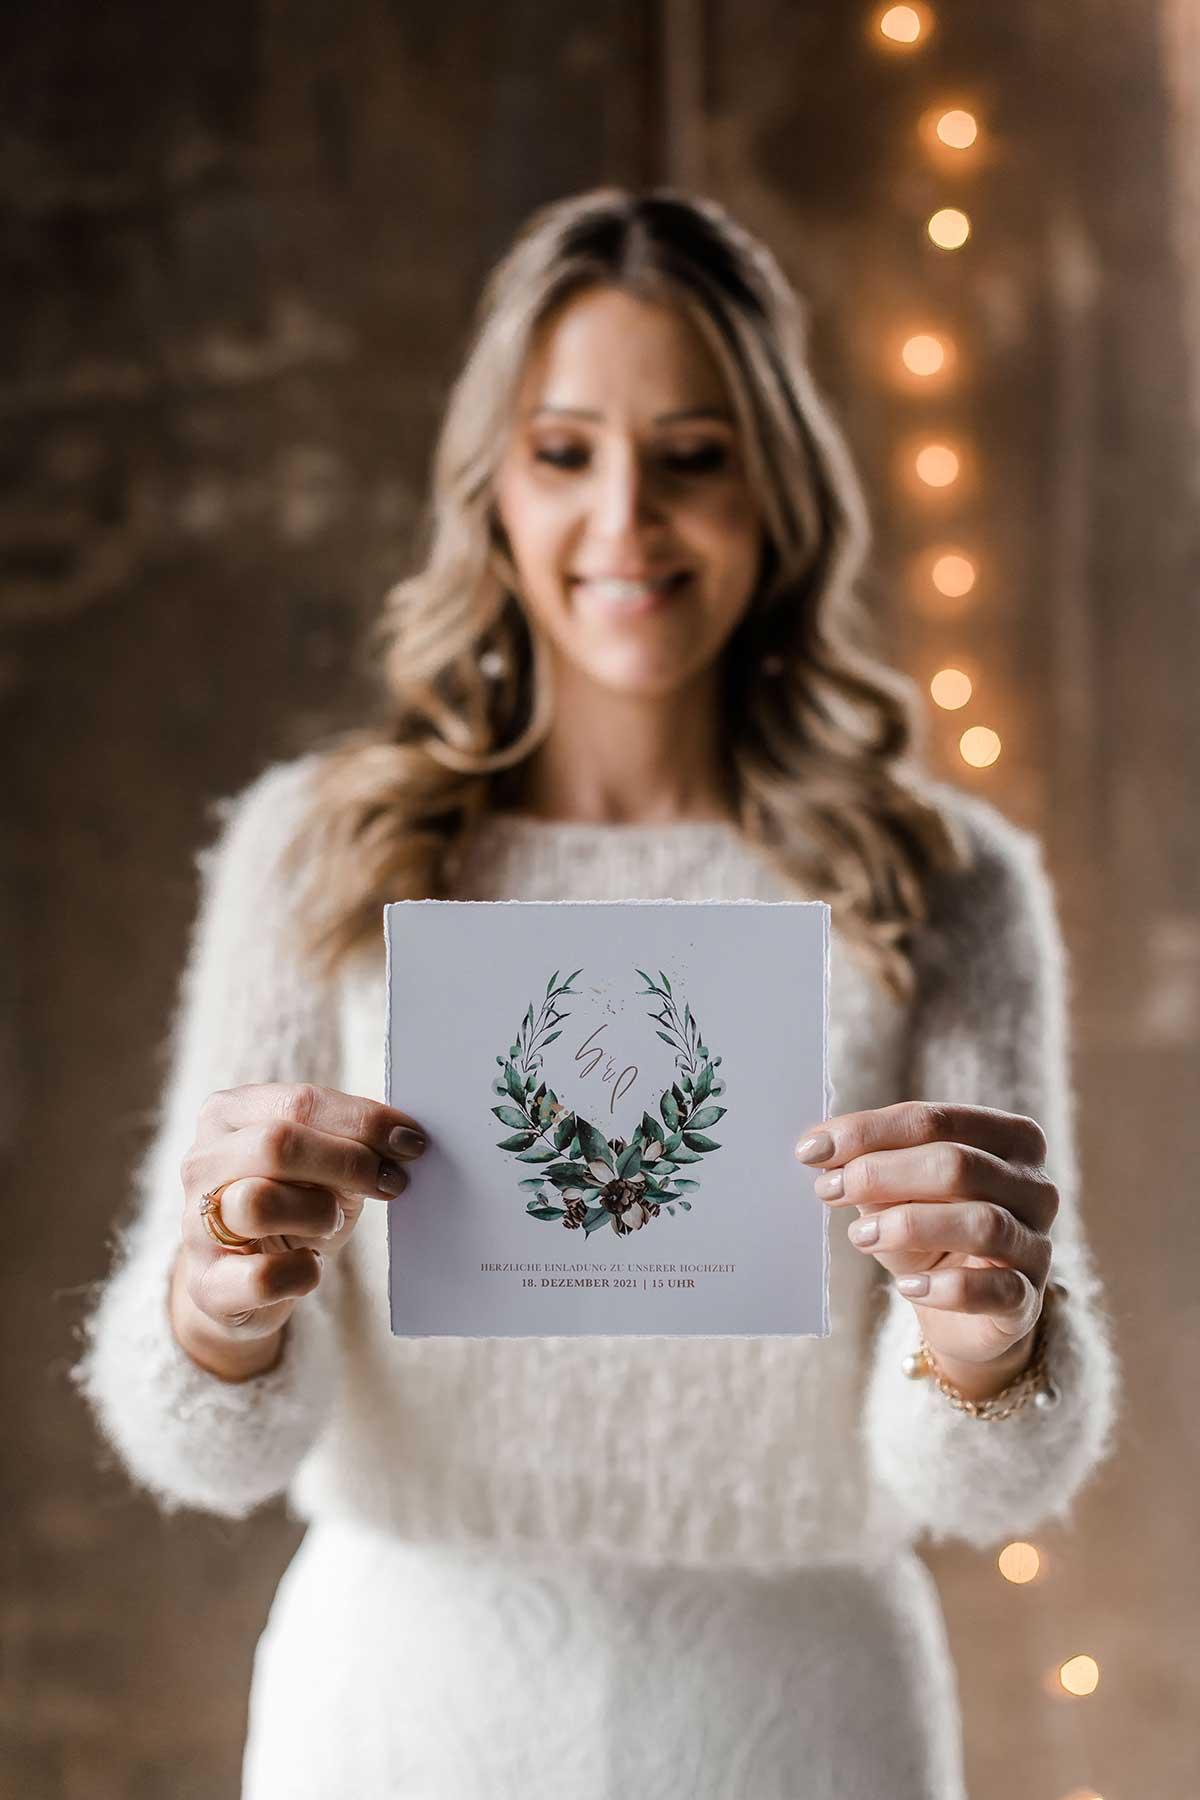 Braut hält Einladungskarte zur Hochzeit